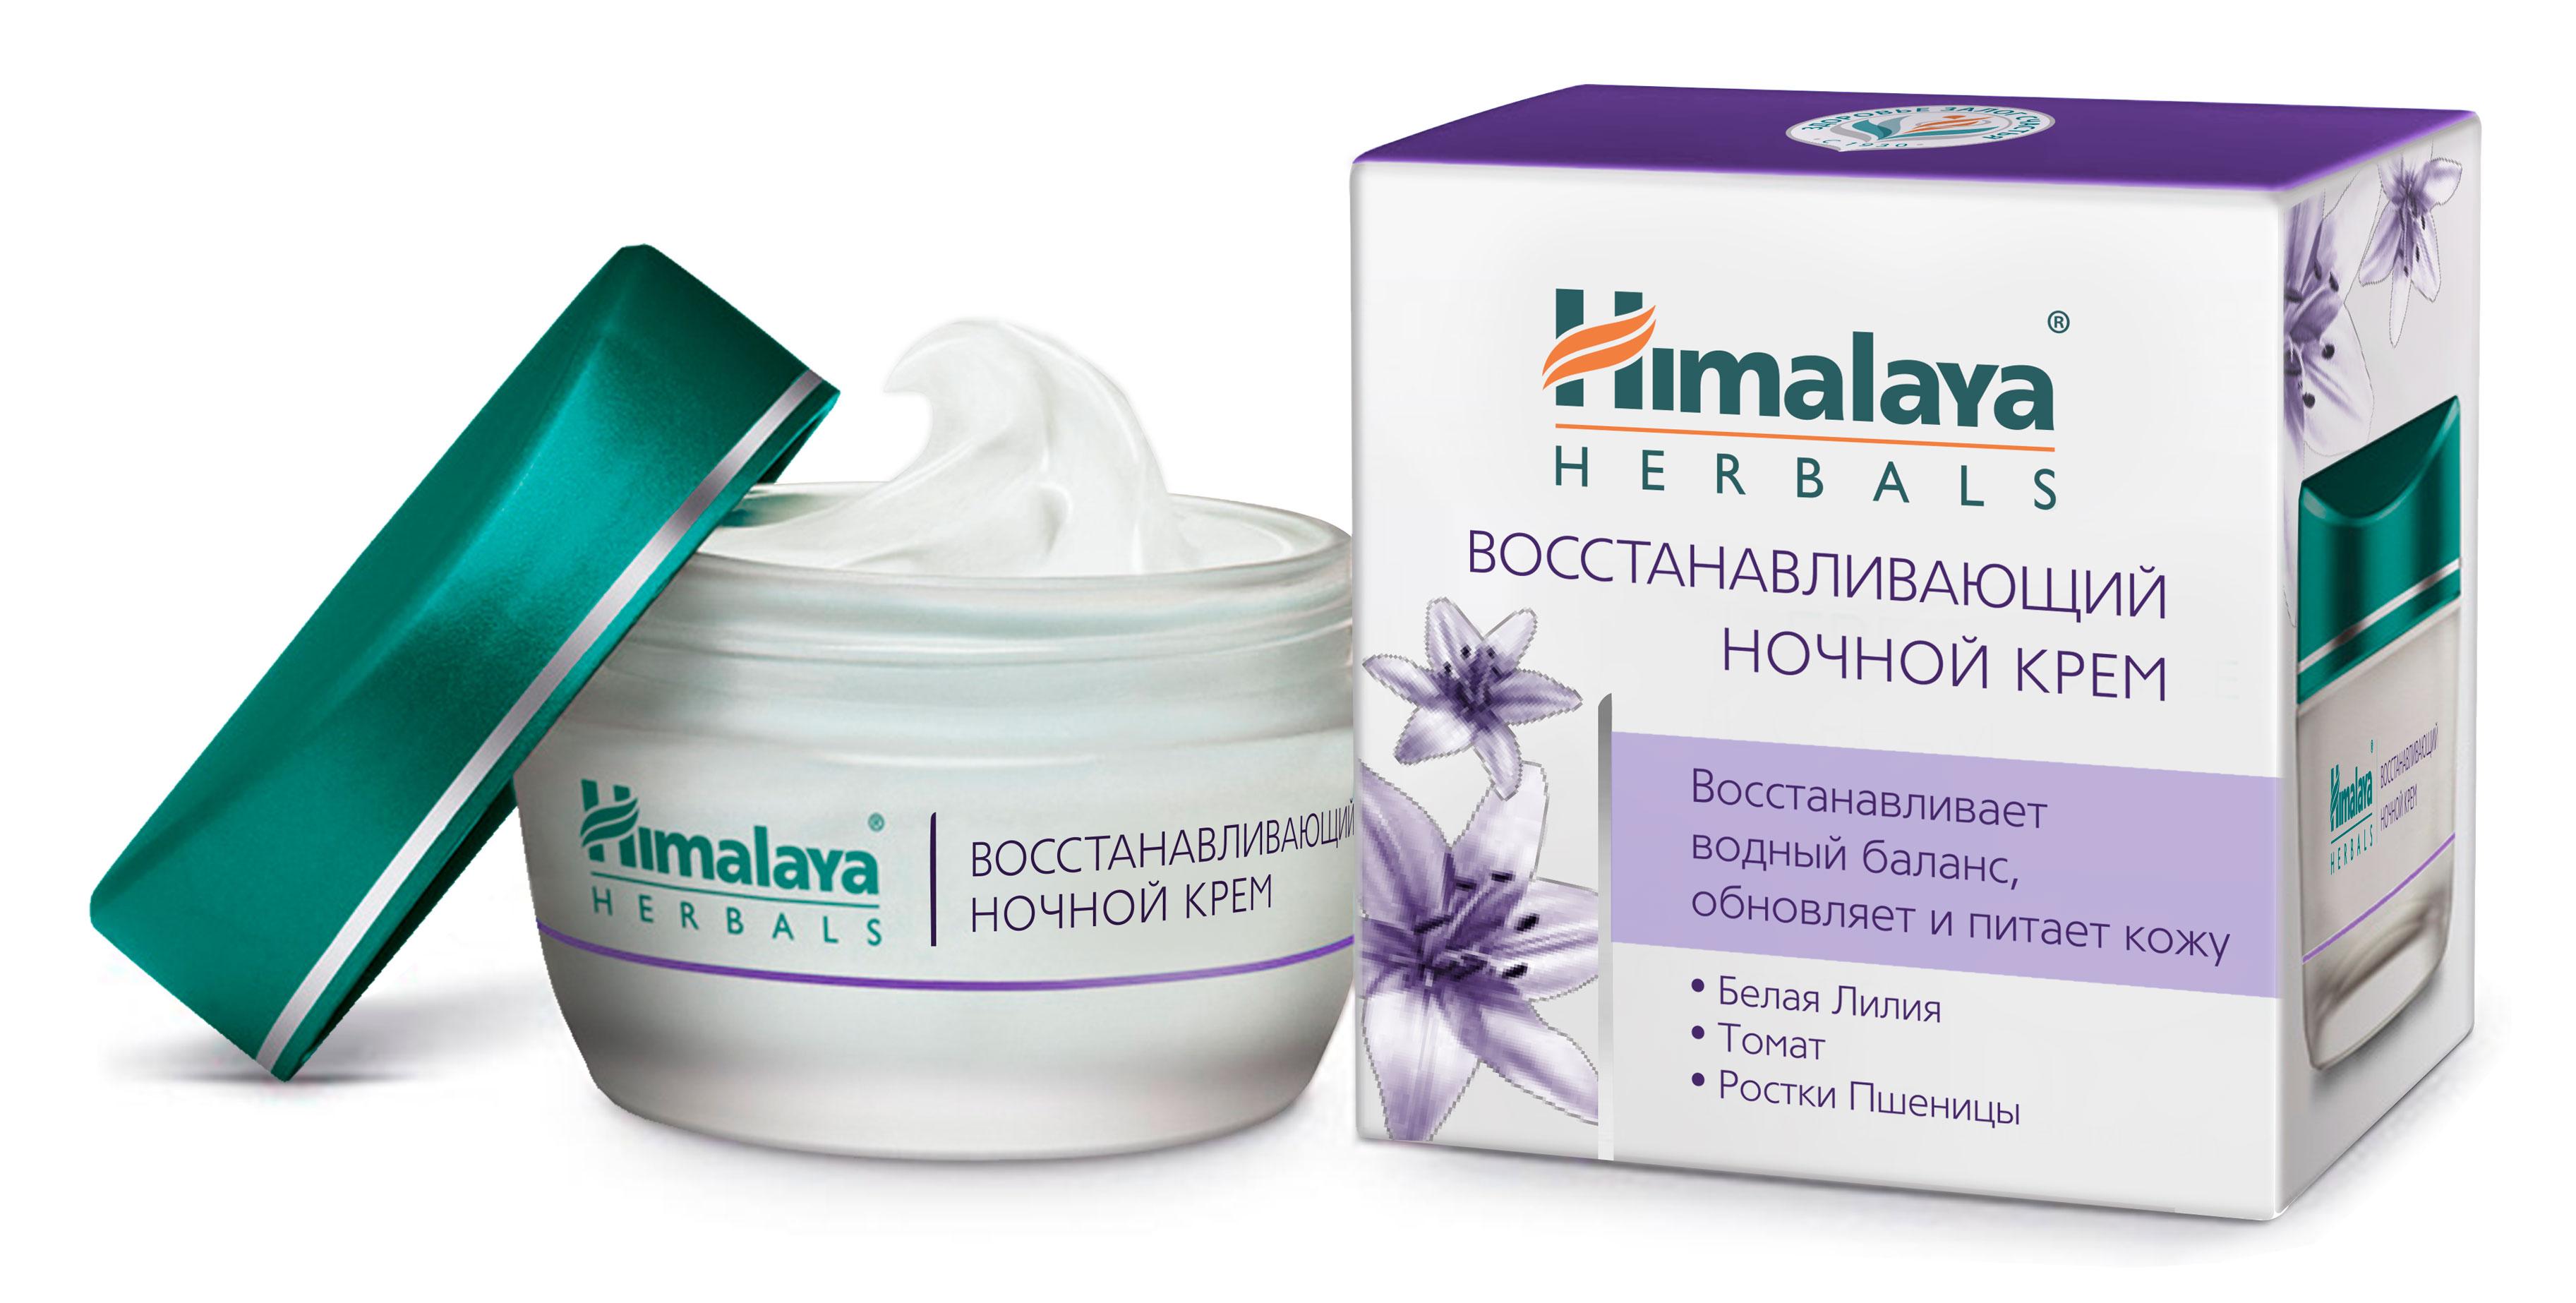 Himalaya Herbals Восстанавливающий ночной крем 50 г8901138834753Роскошный насыщенный крем глубоко проникает в кожу и мгновенно впитывается. Обеспечивает интенсивное восстановление и питание в ночное время, насыщая кожу необходимыми компонентами. Утром кожа выглядит обновленной, отдохнувшей и заметно помолодевшей. Природный антиоксидант Белая Лилия нейтрализует действие свободных радикалов Богатый флавоноидами и АНА-кислотами (альфа-гидроксикислоты) Томат способствует восстановлению кожи Масло ростков пшеницы – источник натурального витамина Е - создает на коже естественный защитный слой для удержания влаги в коже Не содержит: спирт, искусственные красители и парабены